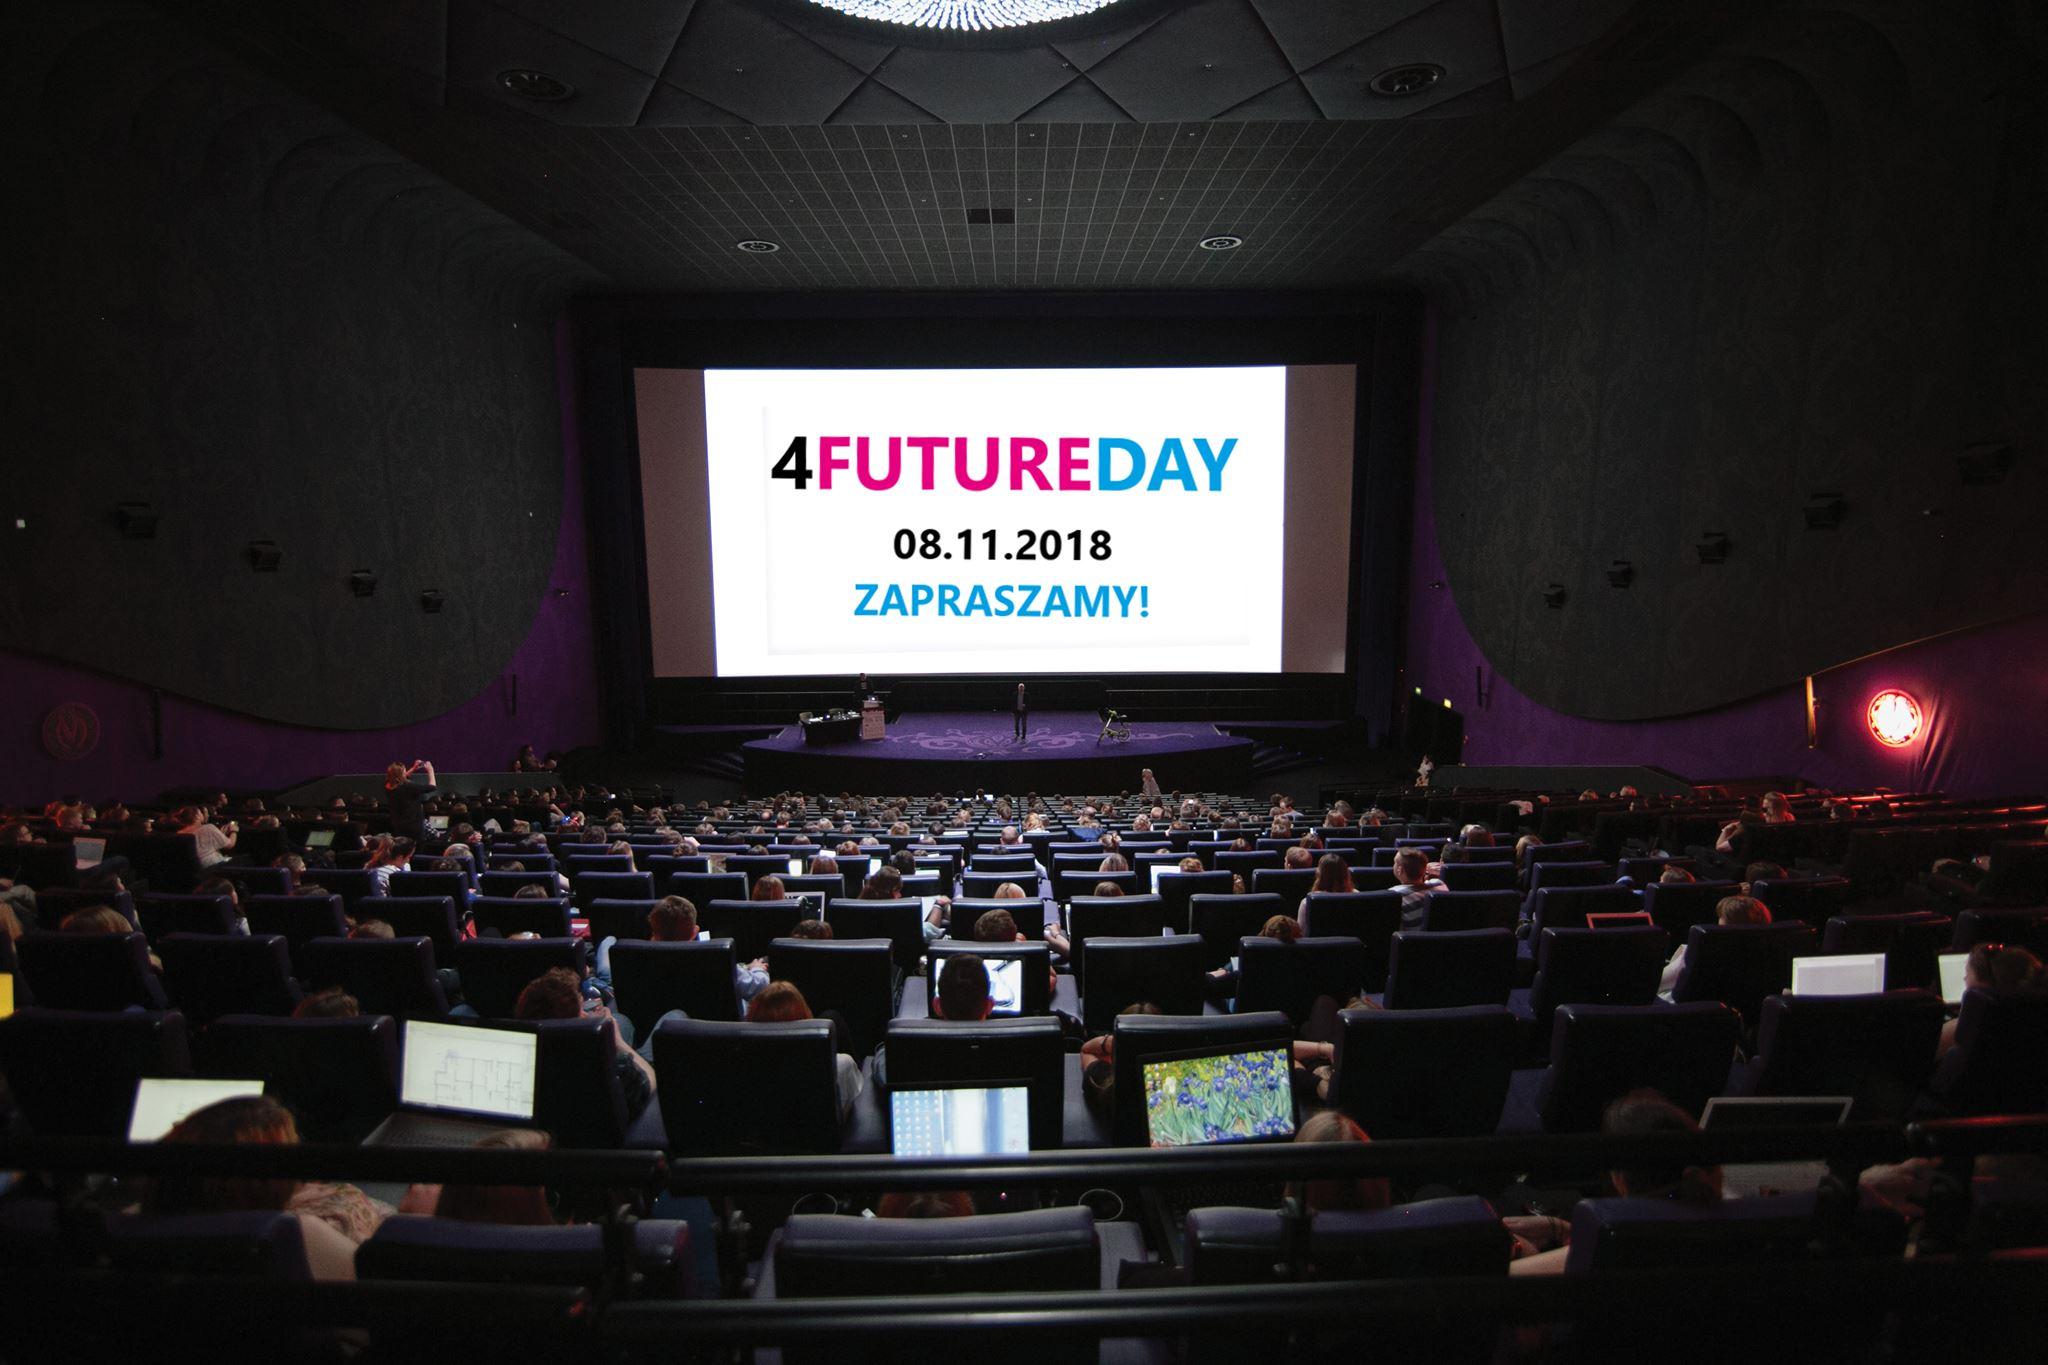 4 FUTURE DAY – 08.11.2018